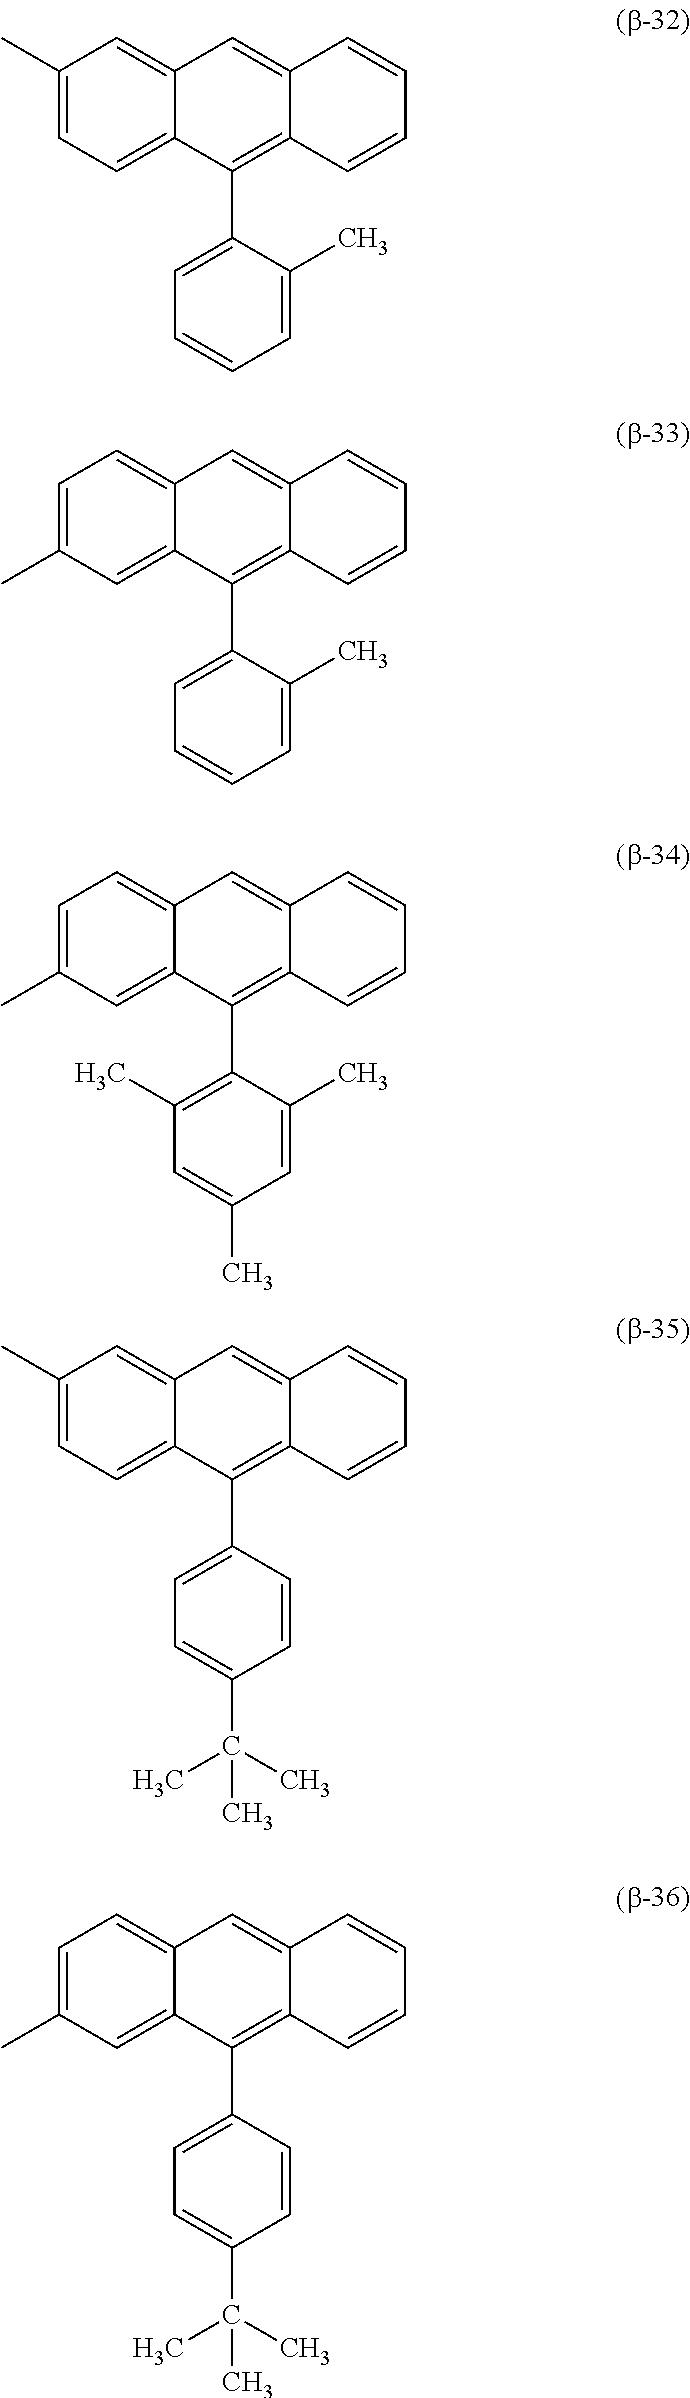 Figure US09240558-20160119-C00038